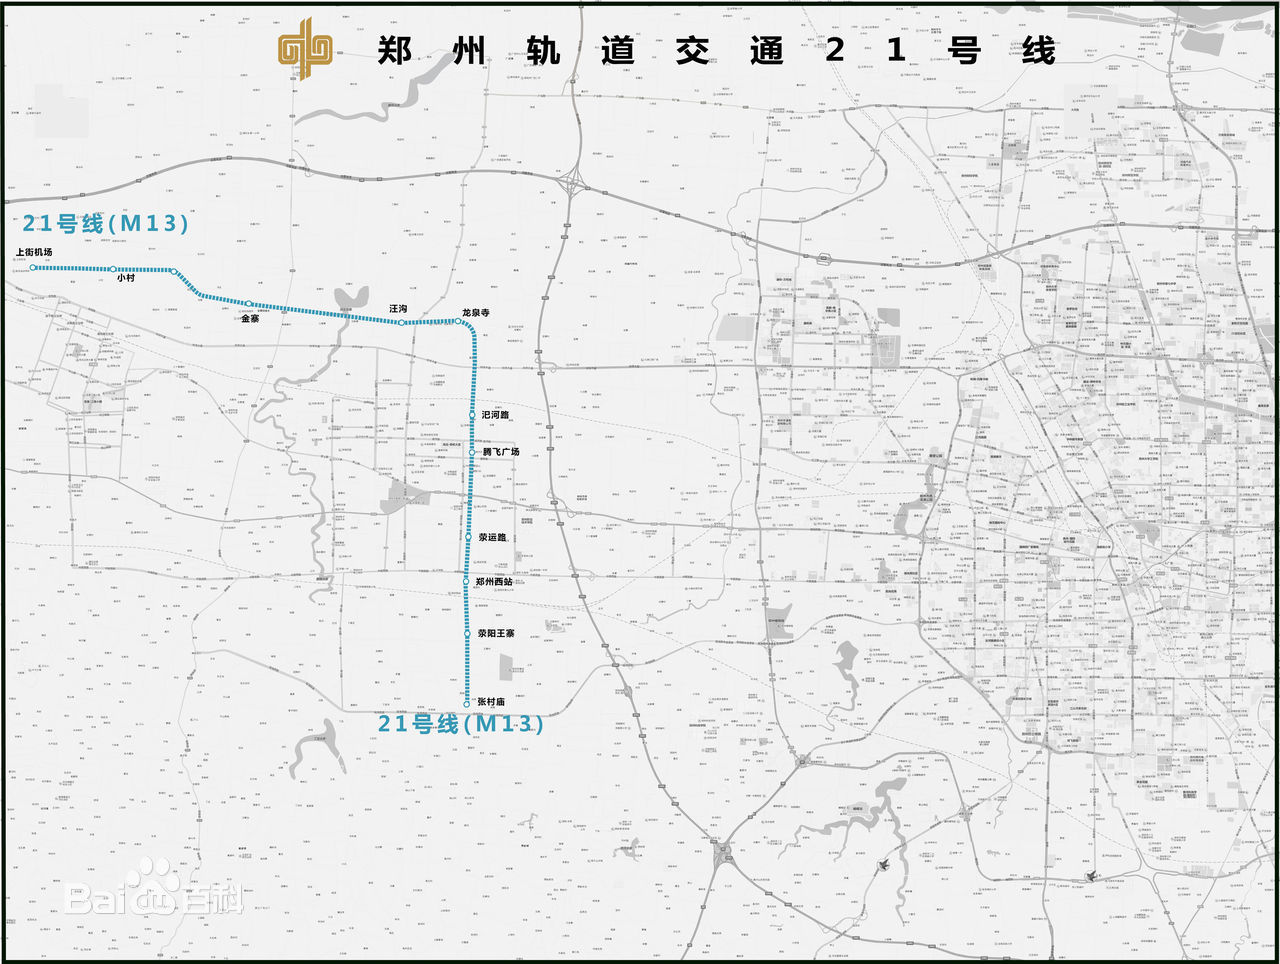 郑州地铁21号线规划图